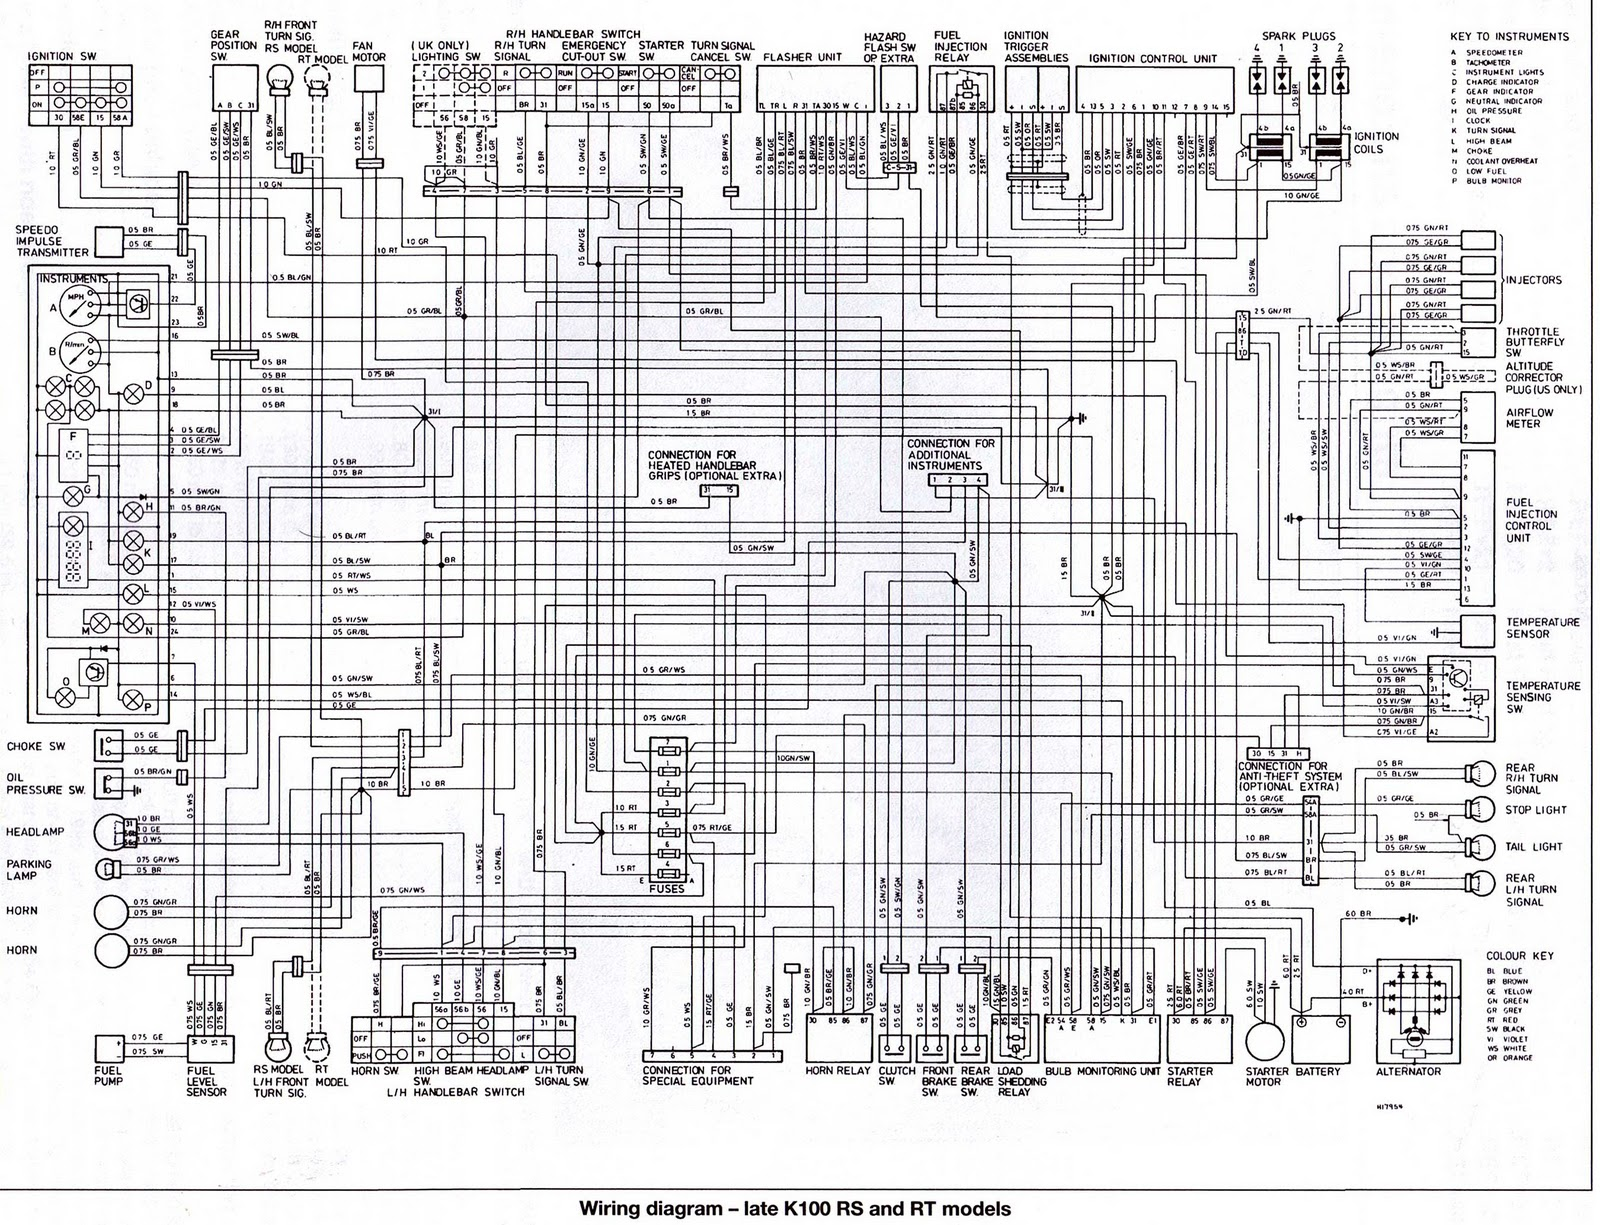 bmw wiring diagrams wiring diagrams monbmw wiring diagrams wiring diagram  schema bmw wiring diagrams online bmw